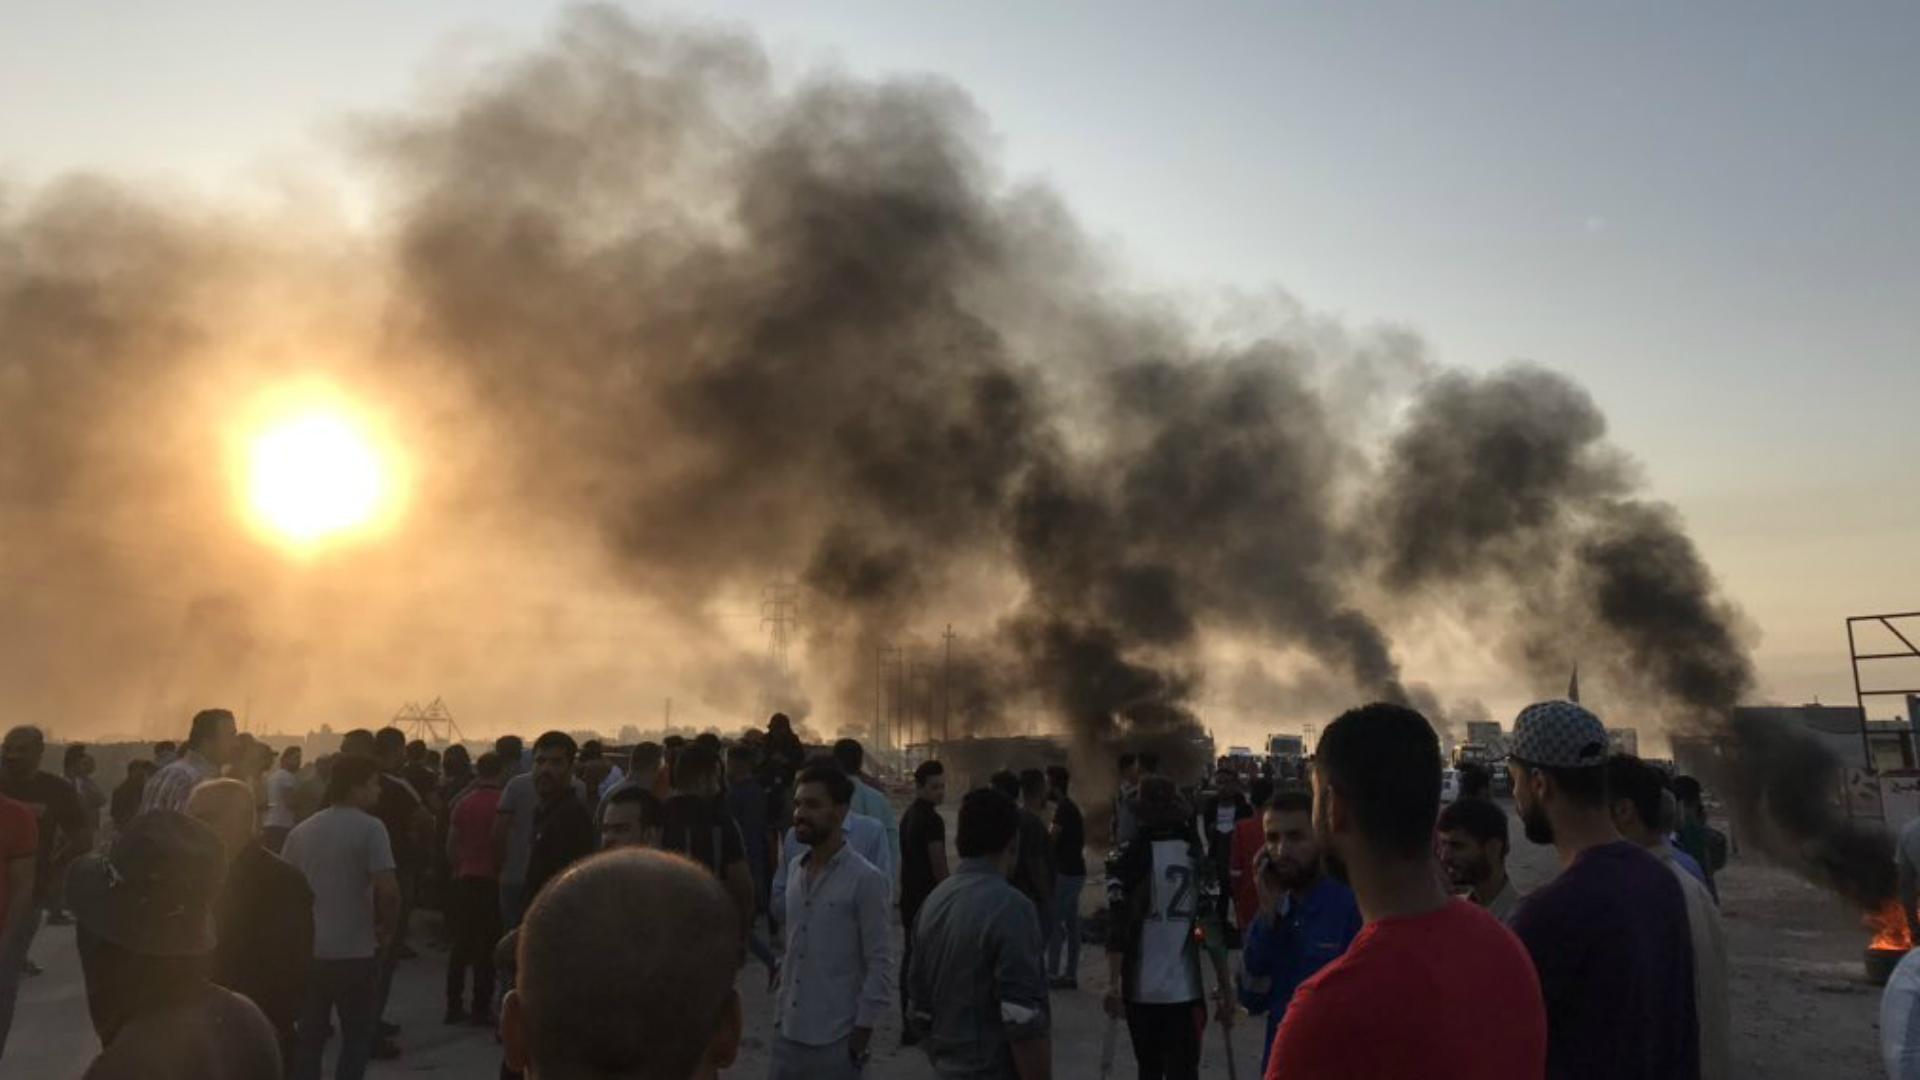 مفوضية حقوق الإنسان تعلن سقوط ١٢٠ مصاباً في تظاهرات أم قصر